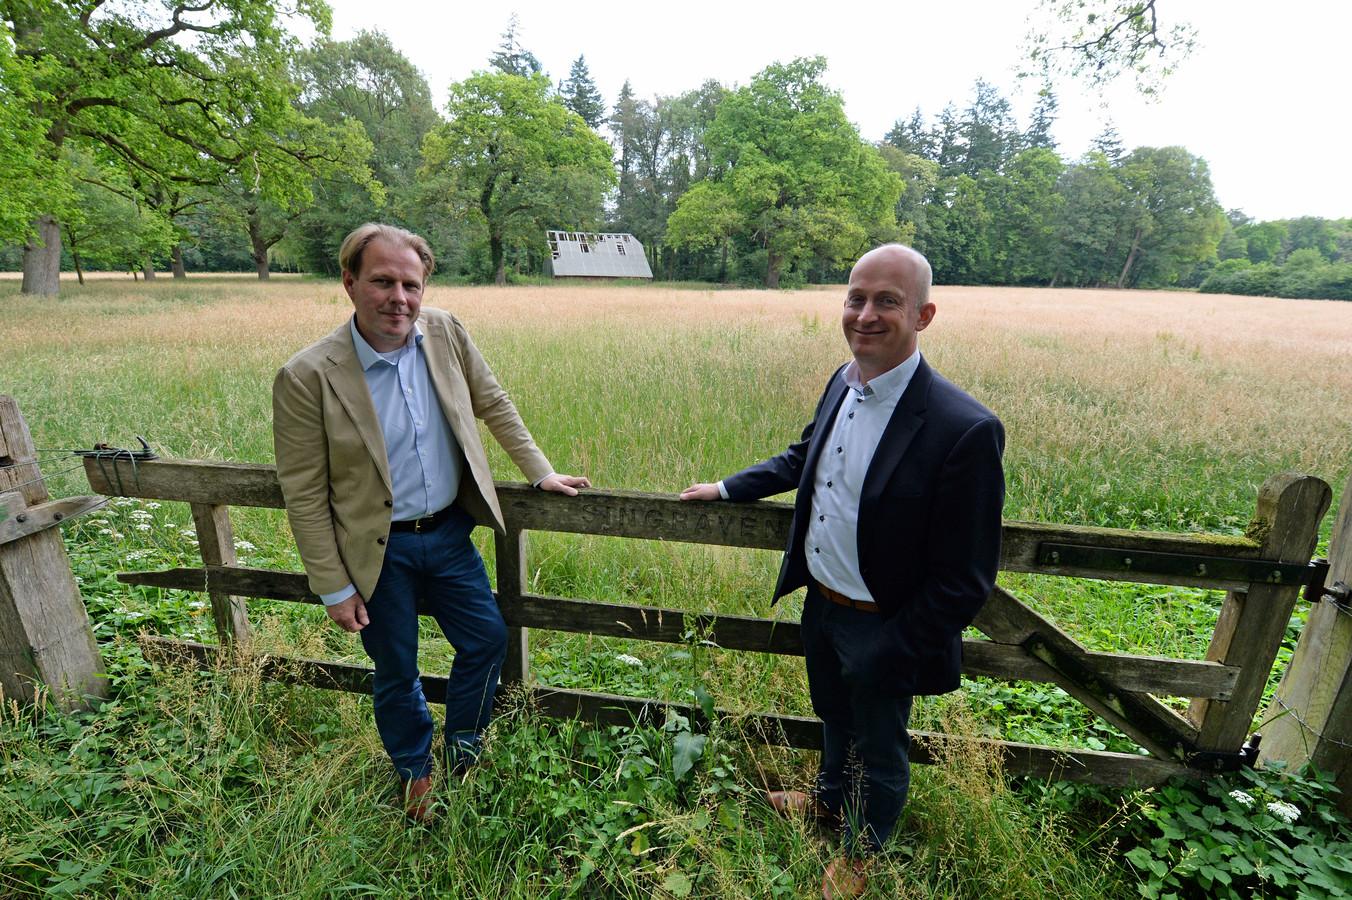 """Rentmeester Kees Jan Meijer  en Paul Scholten (r) bij een van de oude erven waar nieuwe landhuizen worden gebouwd op het landgoed. """"Qua beeldvorming gaan we terug naar vroeger."""""""